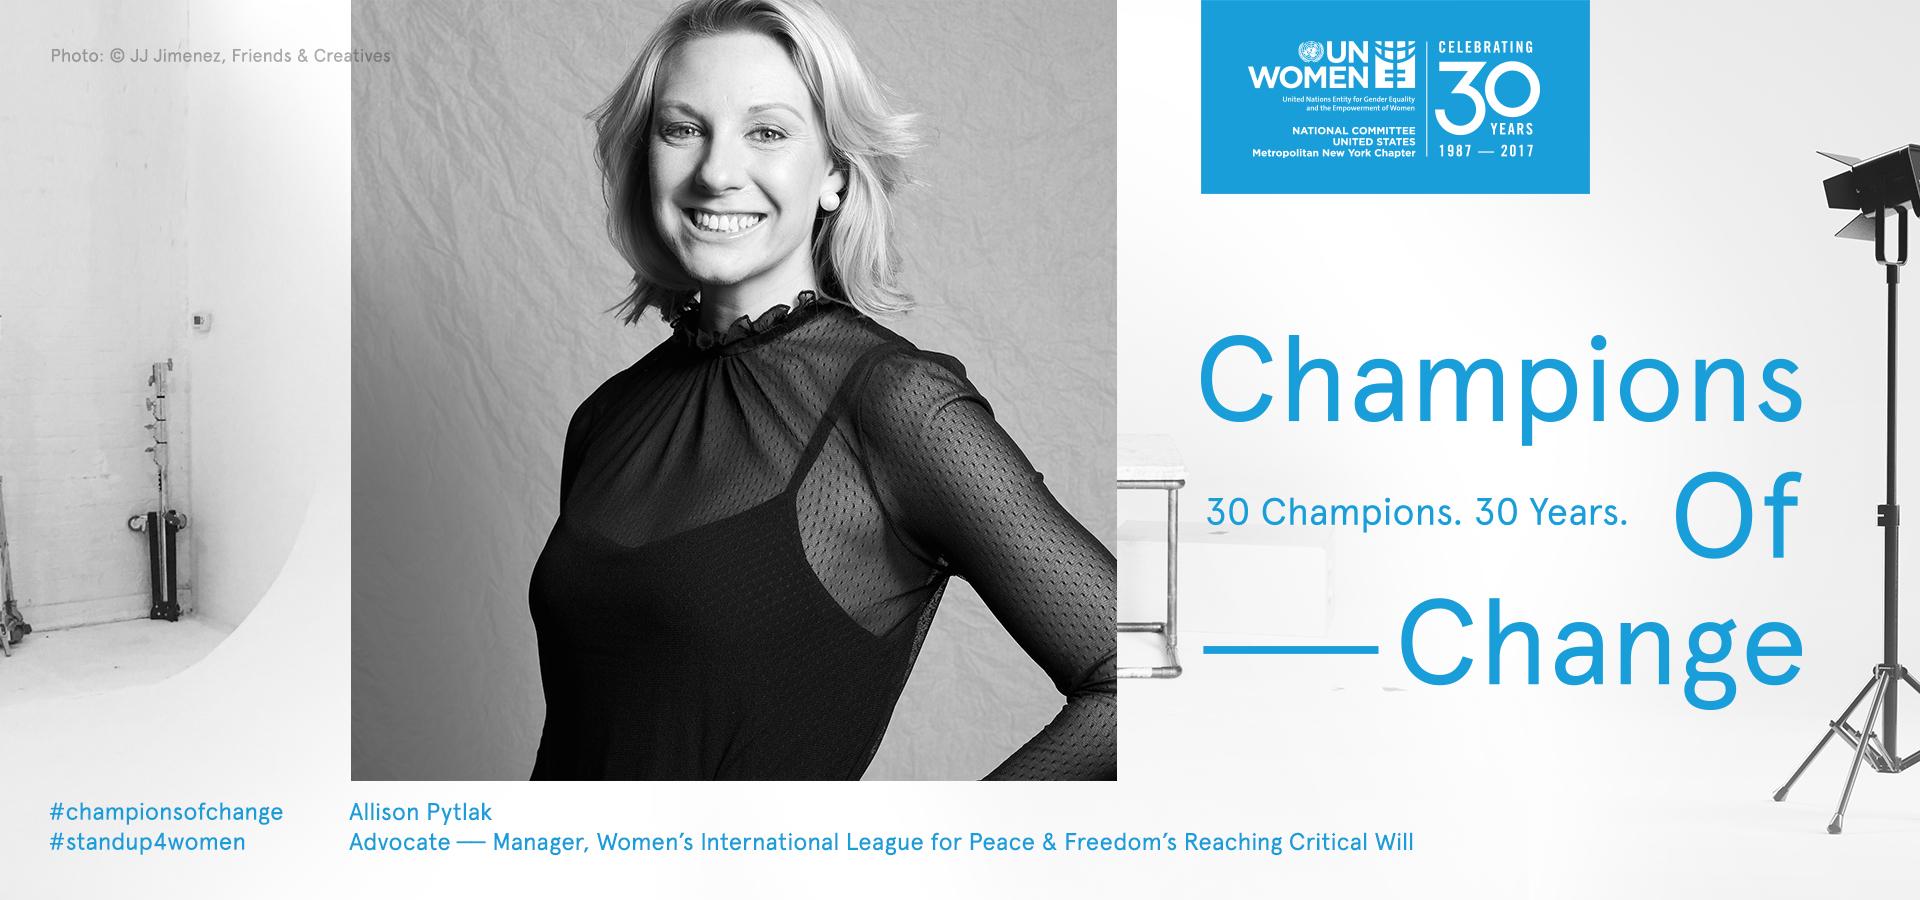 2018_UNWomen_ChampionsOfChange_Website_ProfilePage_AllisonPytlak.jpg